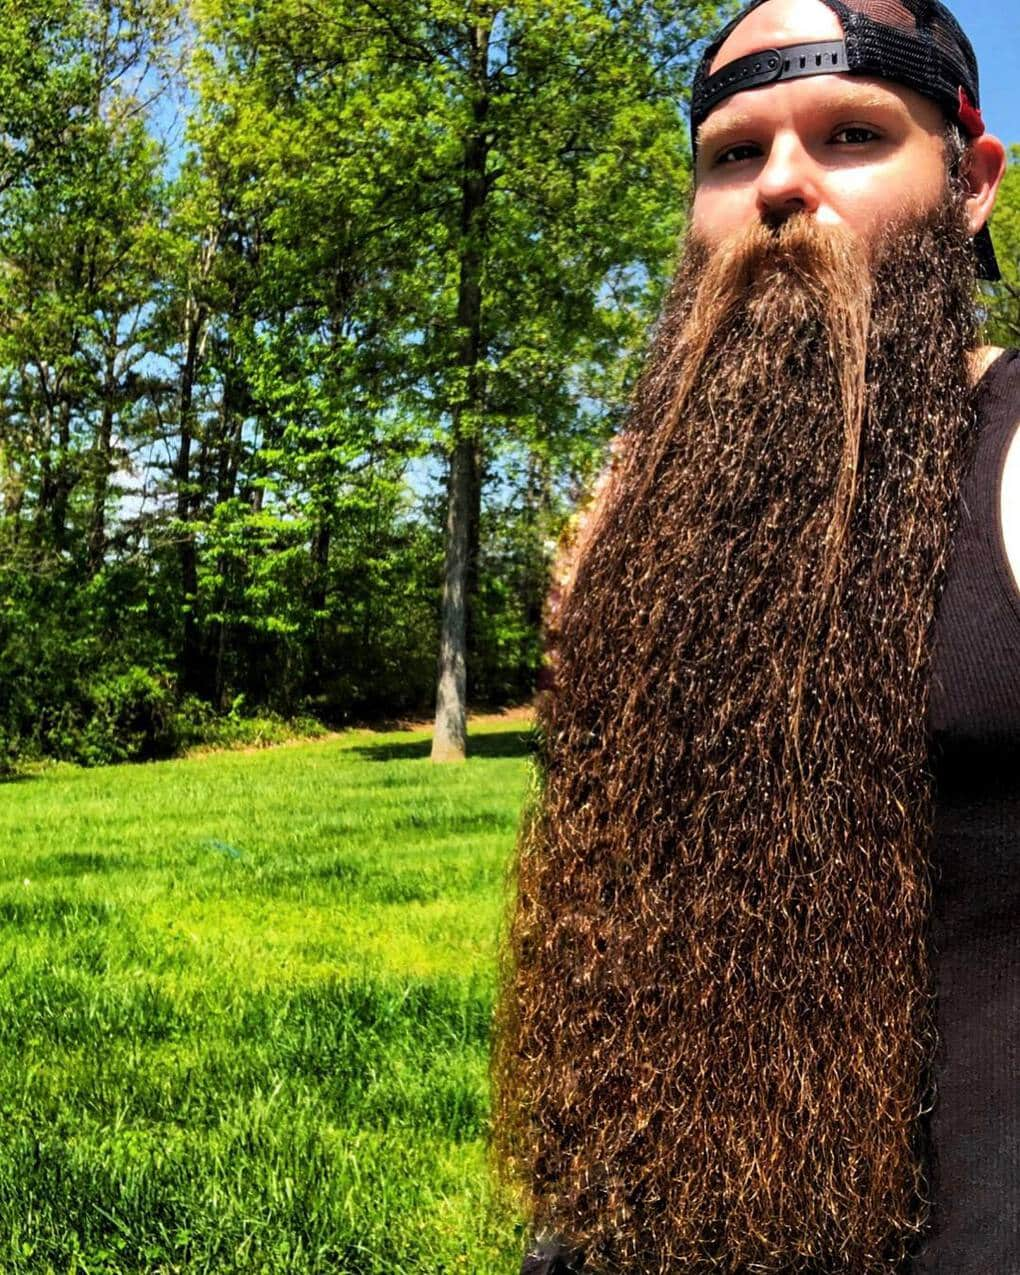 31198334 189539848338664 6740464396658540544 n - Американец хотел бороду, чтобы быть пиратом. Но переборщил, и теперь у него Бородища с большой буквы